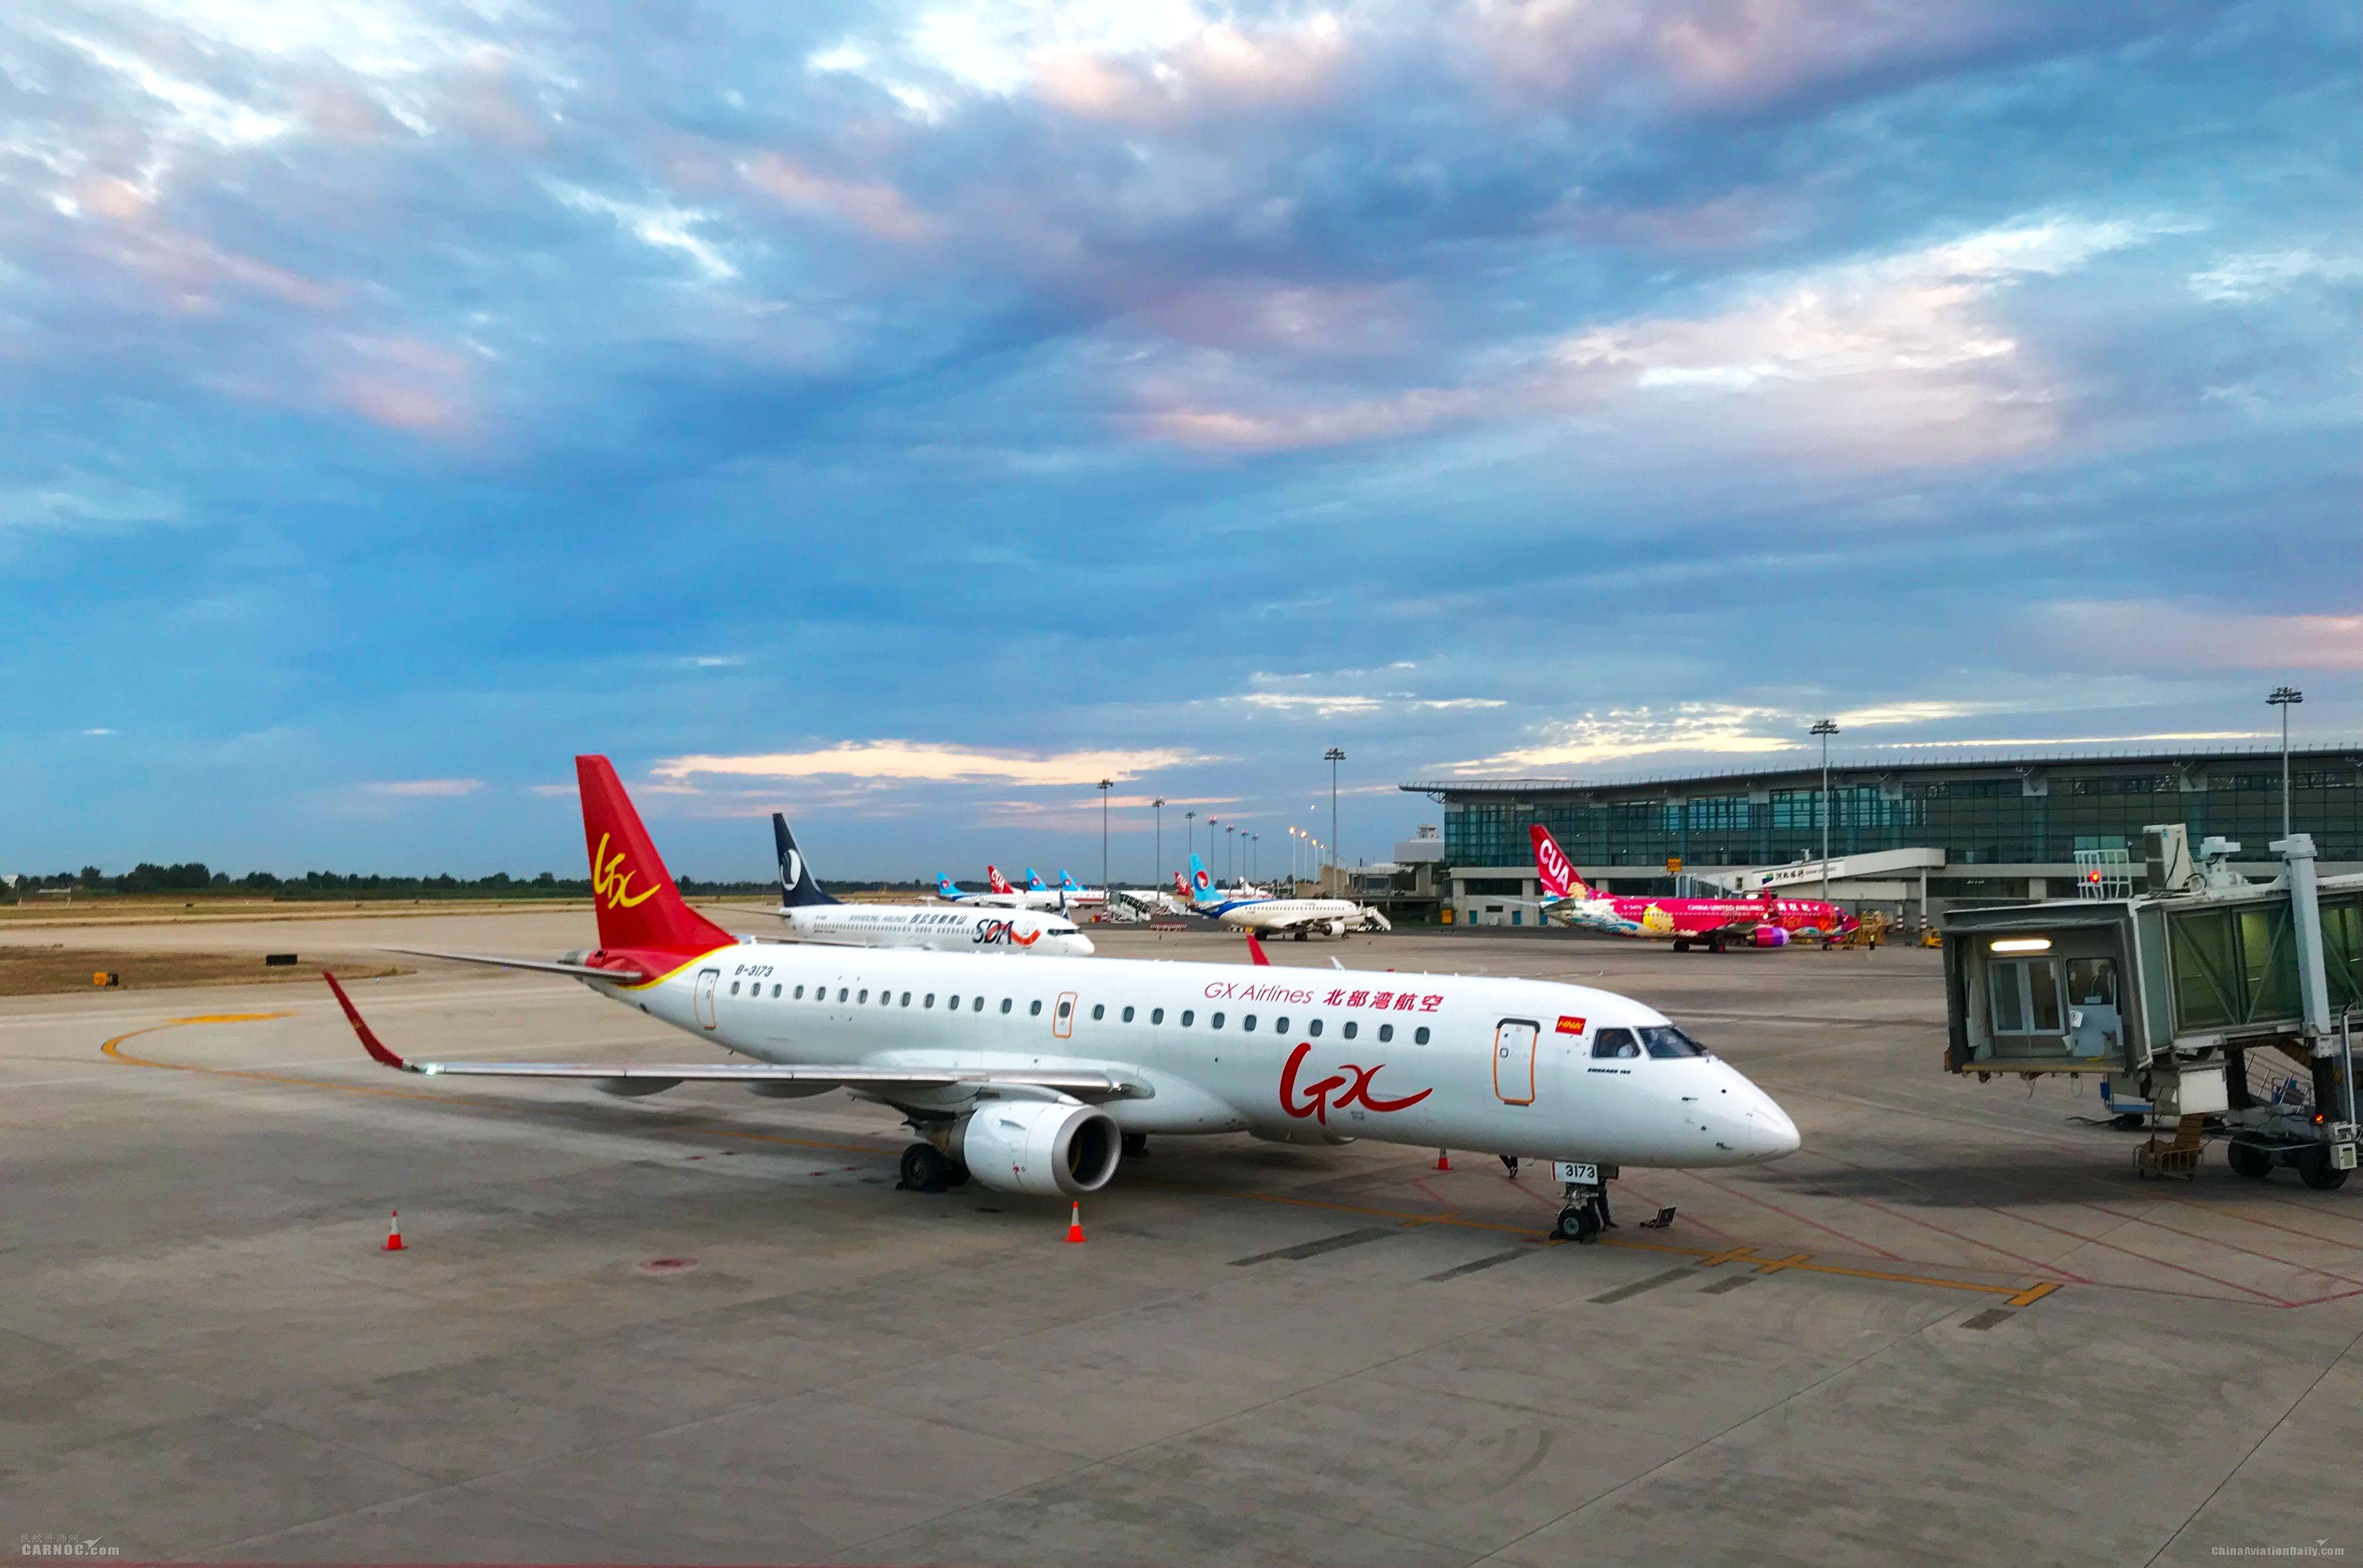 换季后国航将在石家庄机场新增恢复两条航线